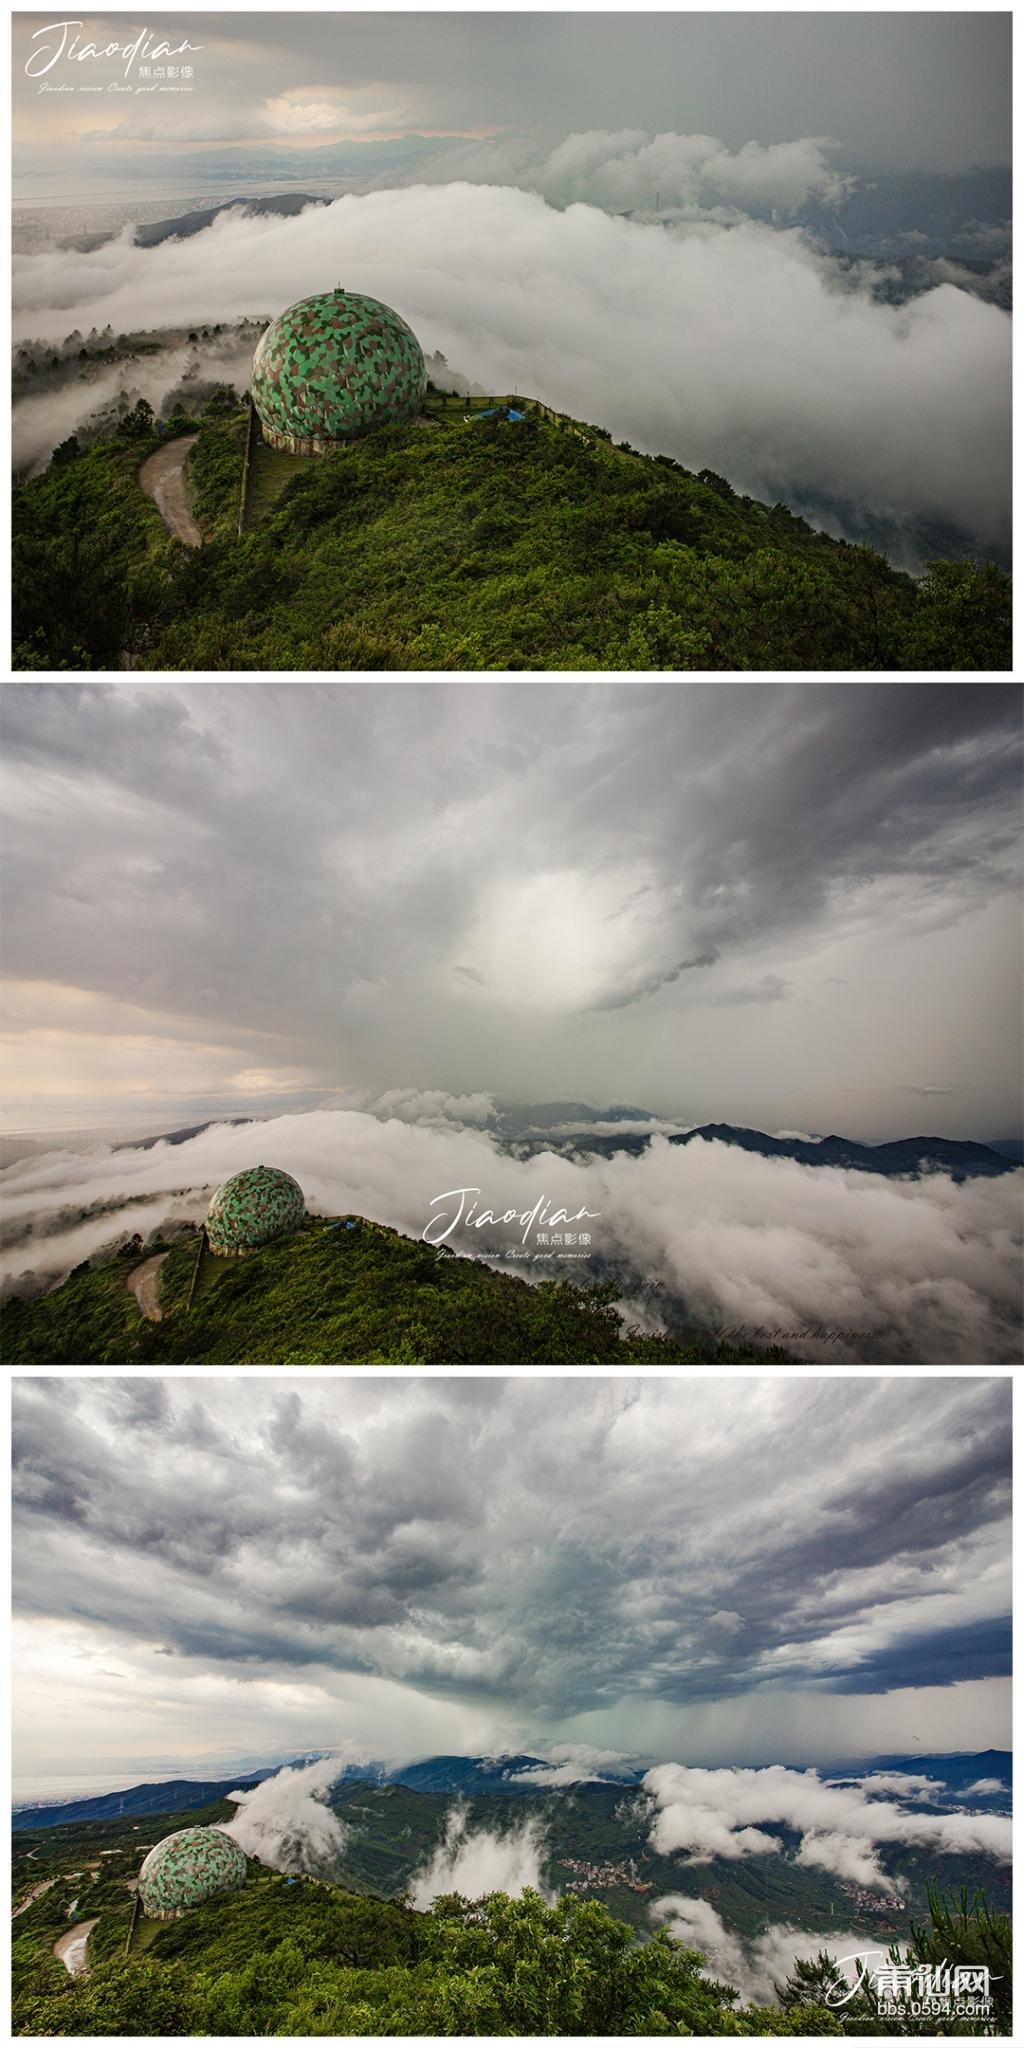 2020-05-17 壶公山  (1).jpg